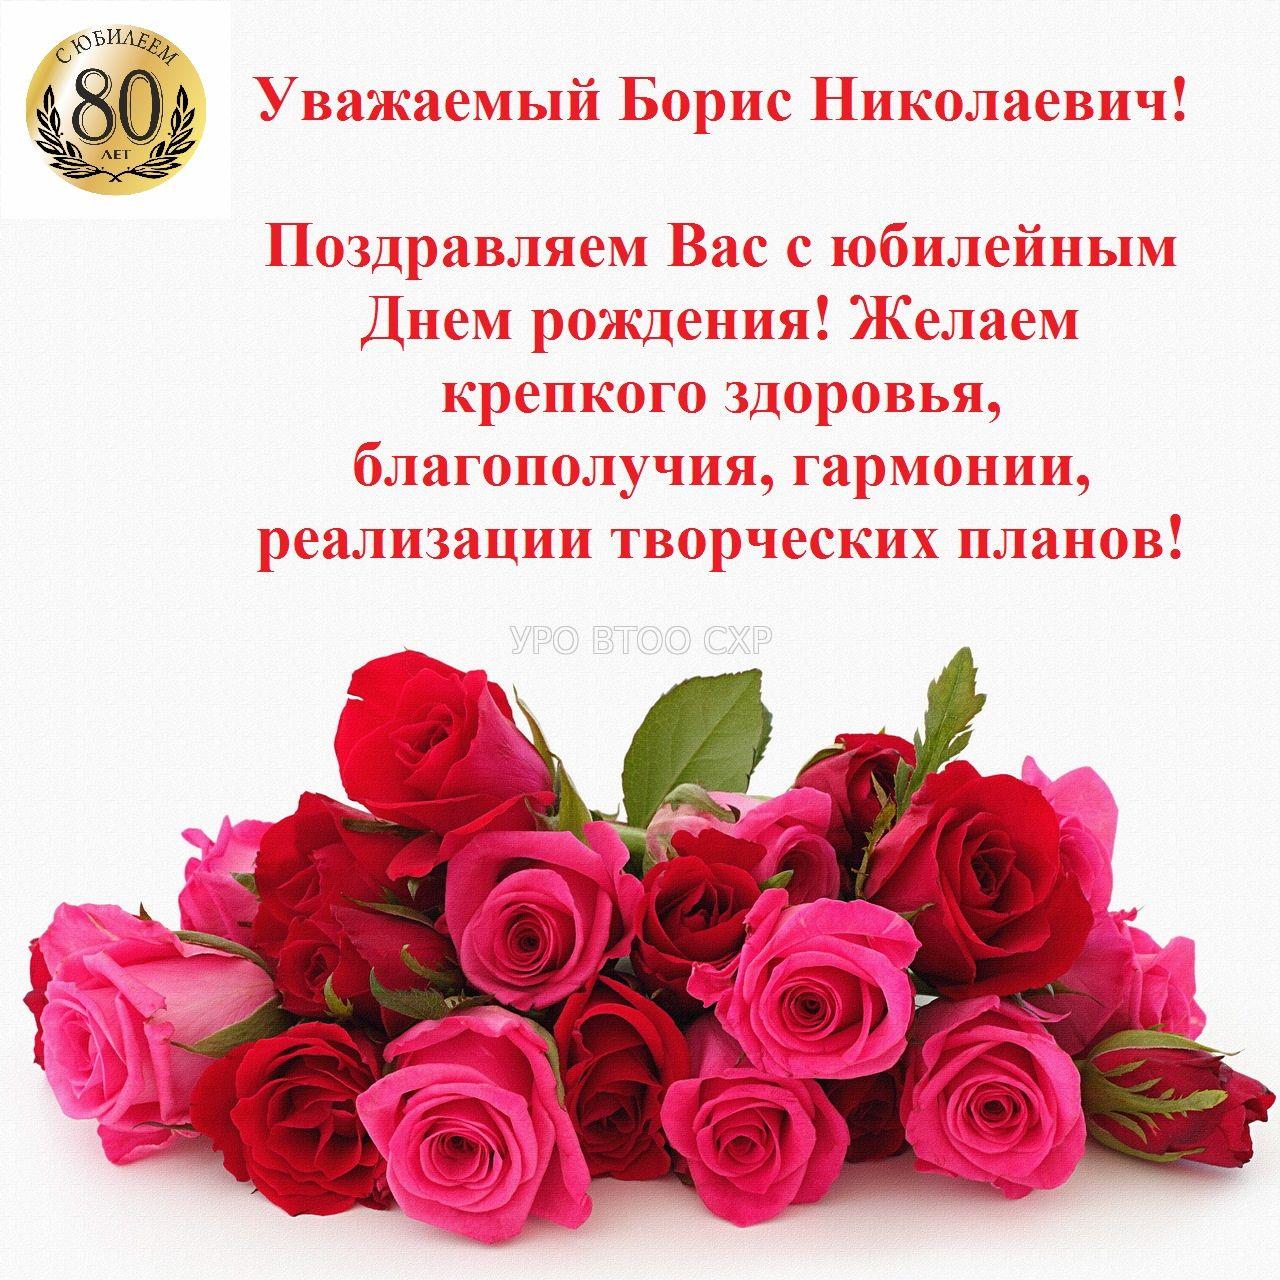 Поздравление с днем рождения уважаемого коллеги